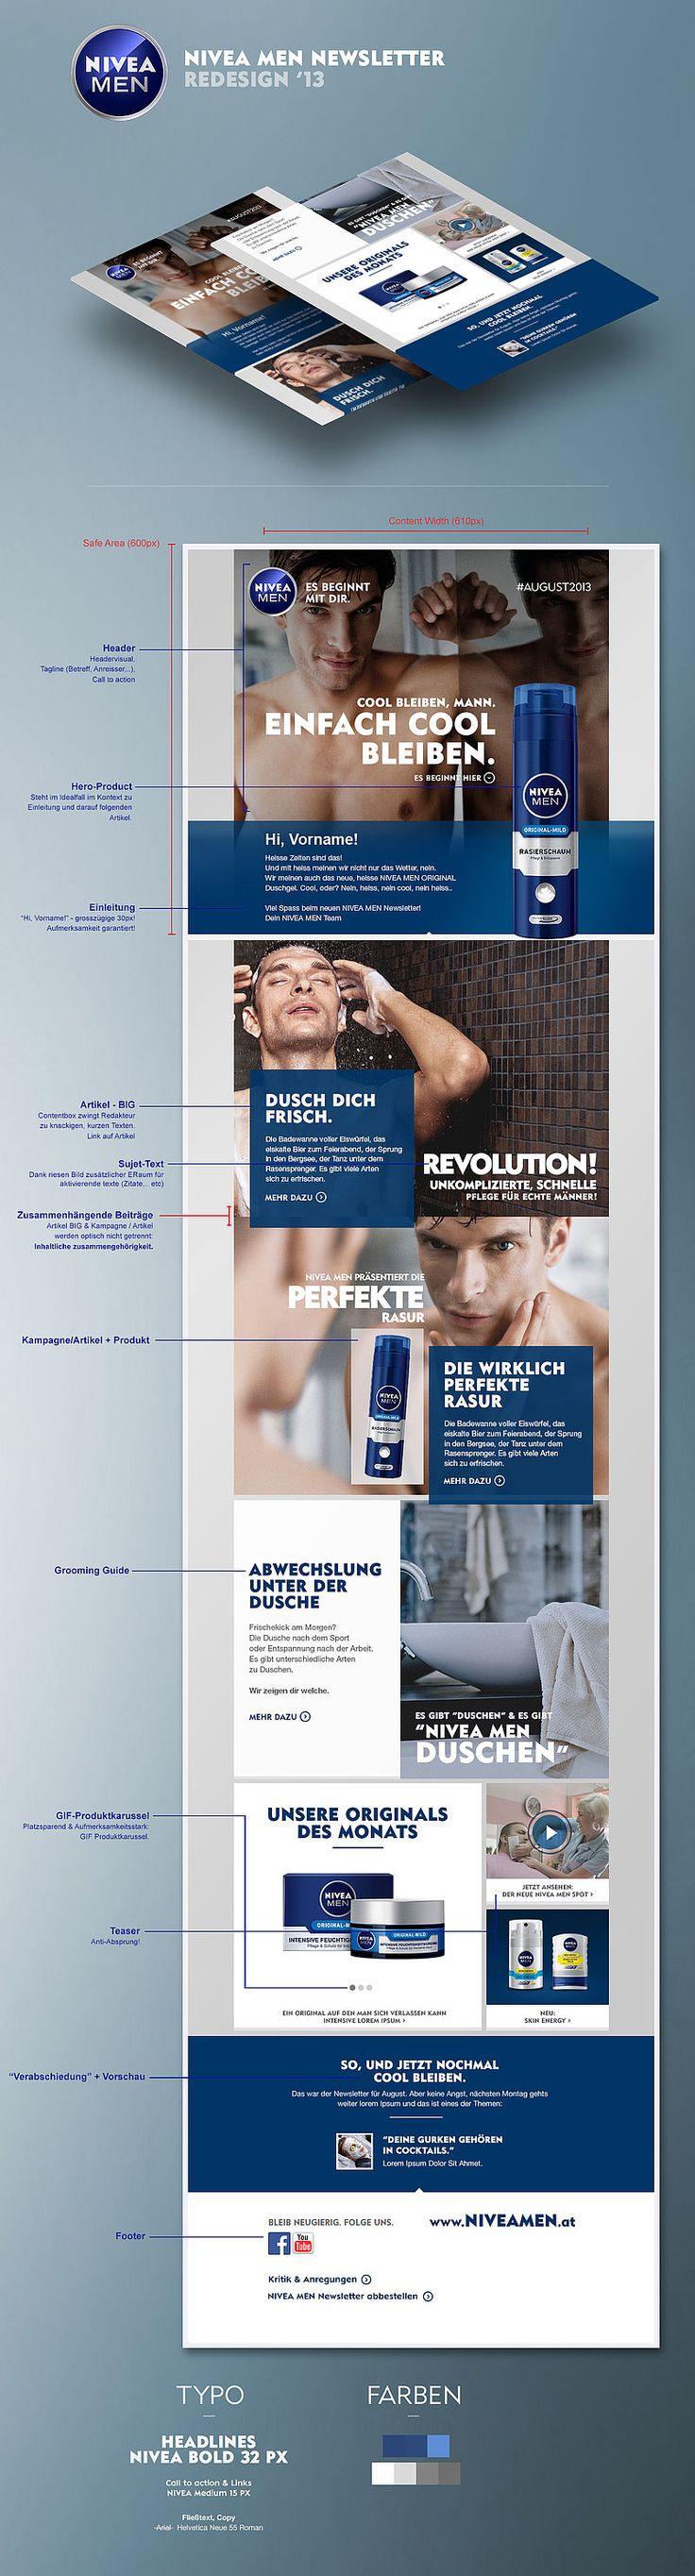 Performance optimiertes Redesign des NIVEA MEN Newsletters